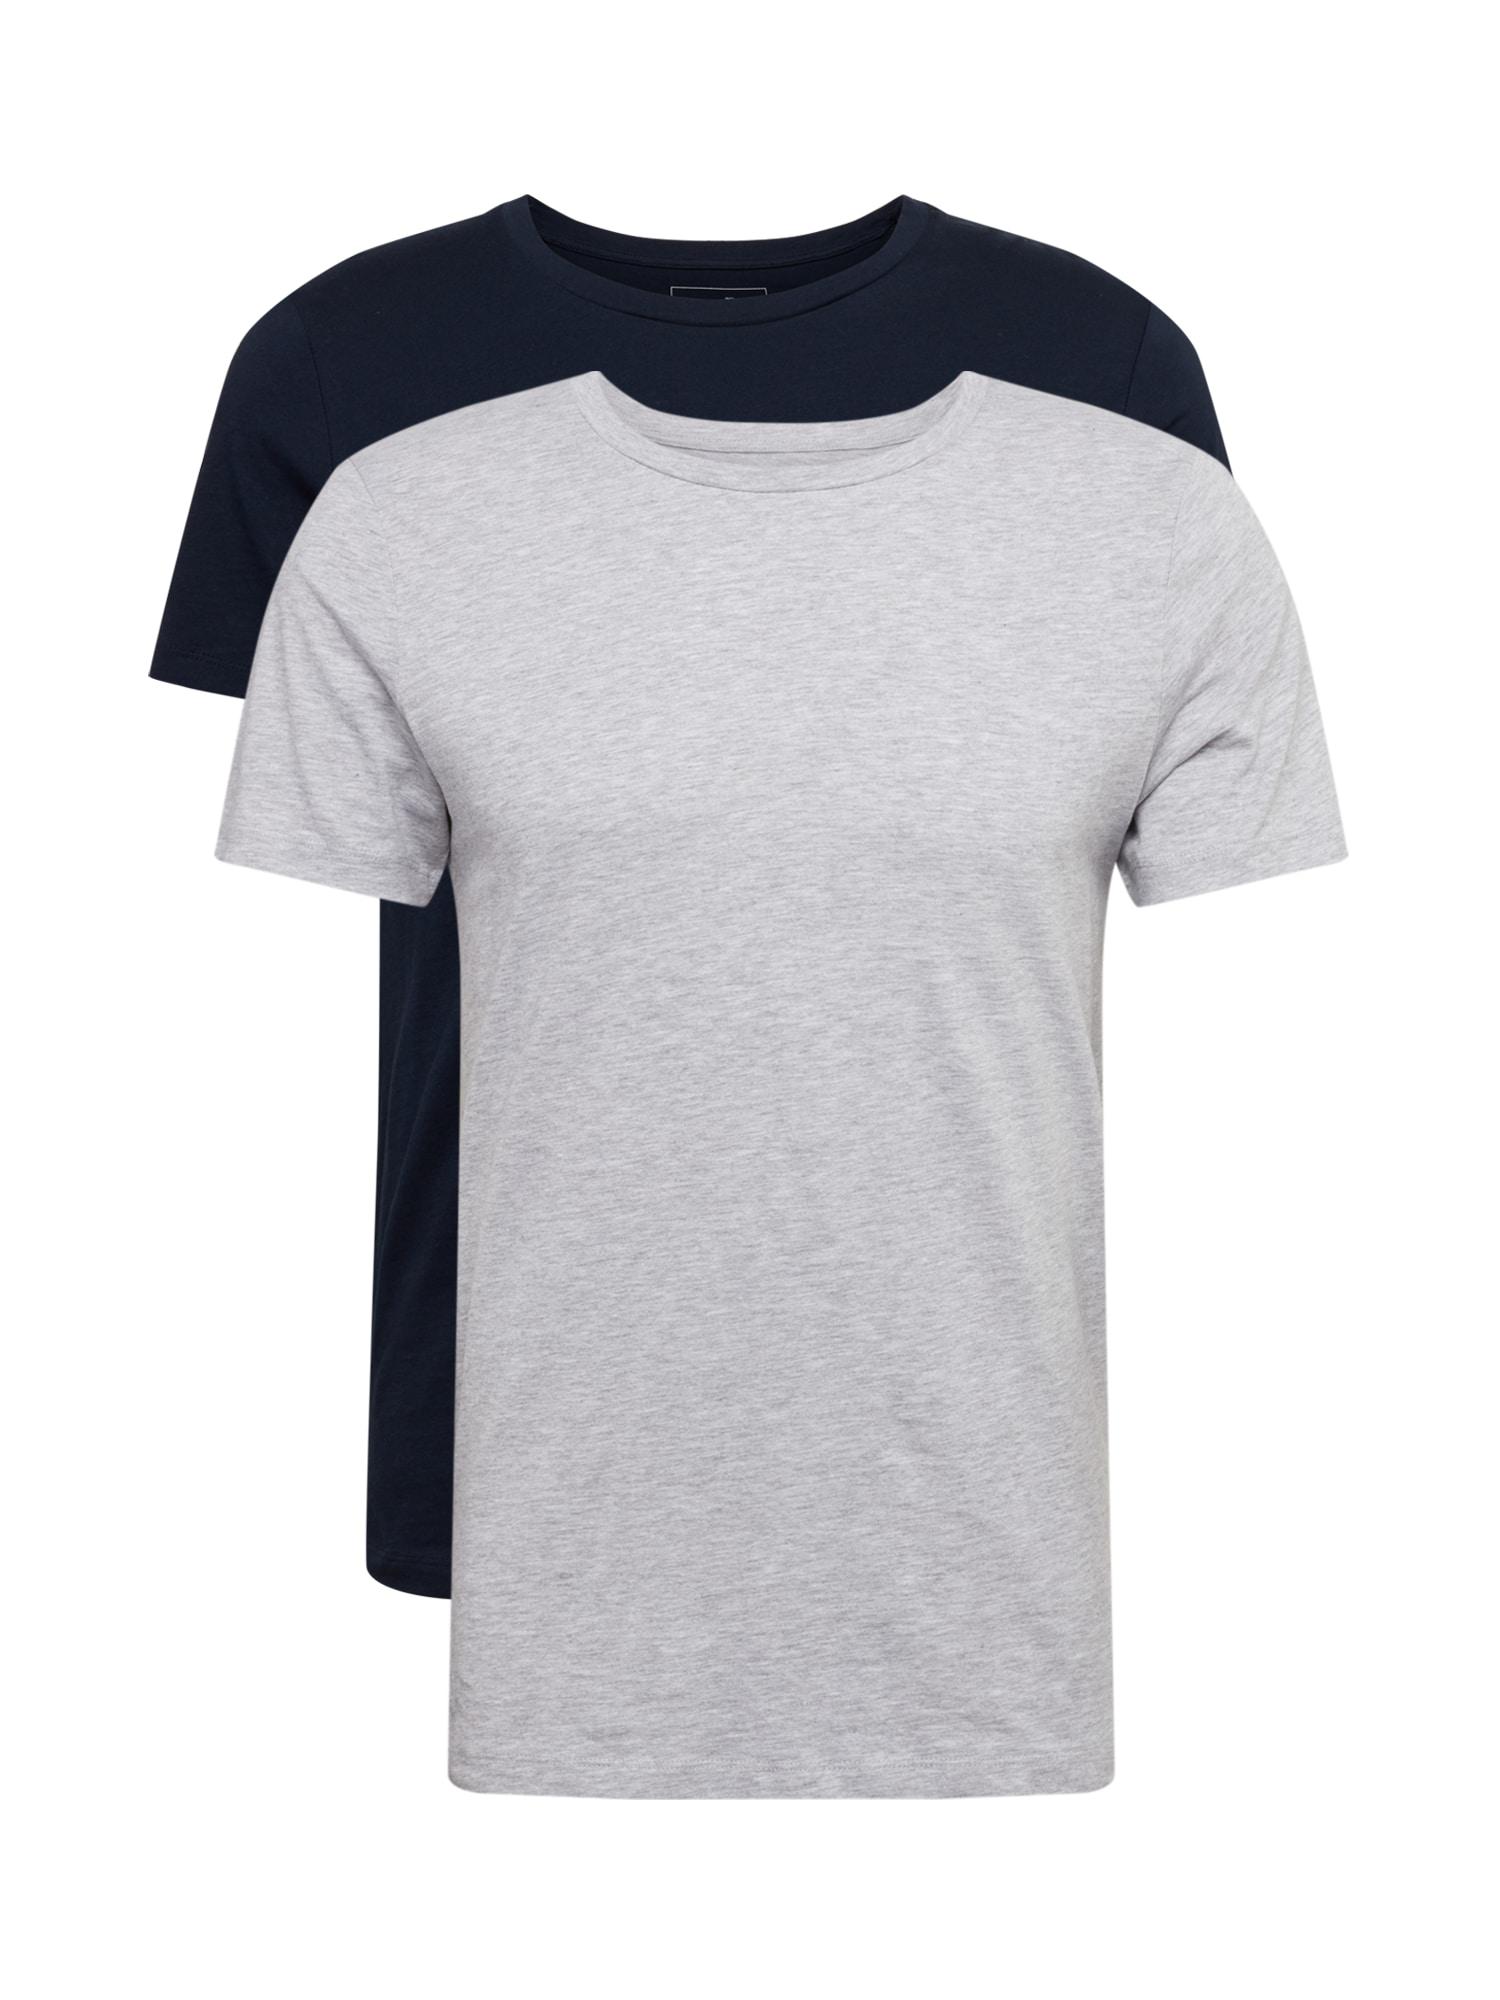 TOM TAILOR DENIM Marškinėliai tamsiai mėlyna jūros spalva / pilka